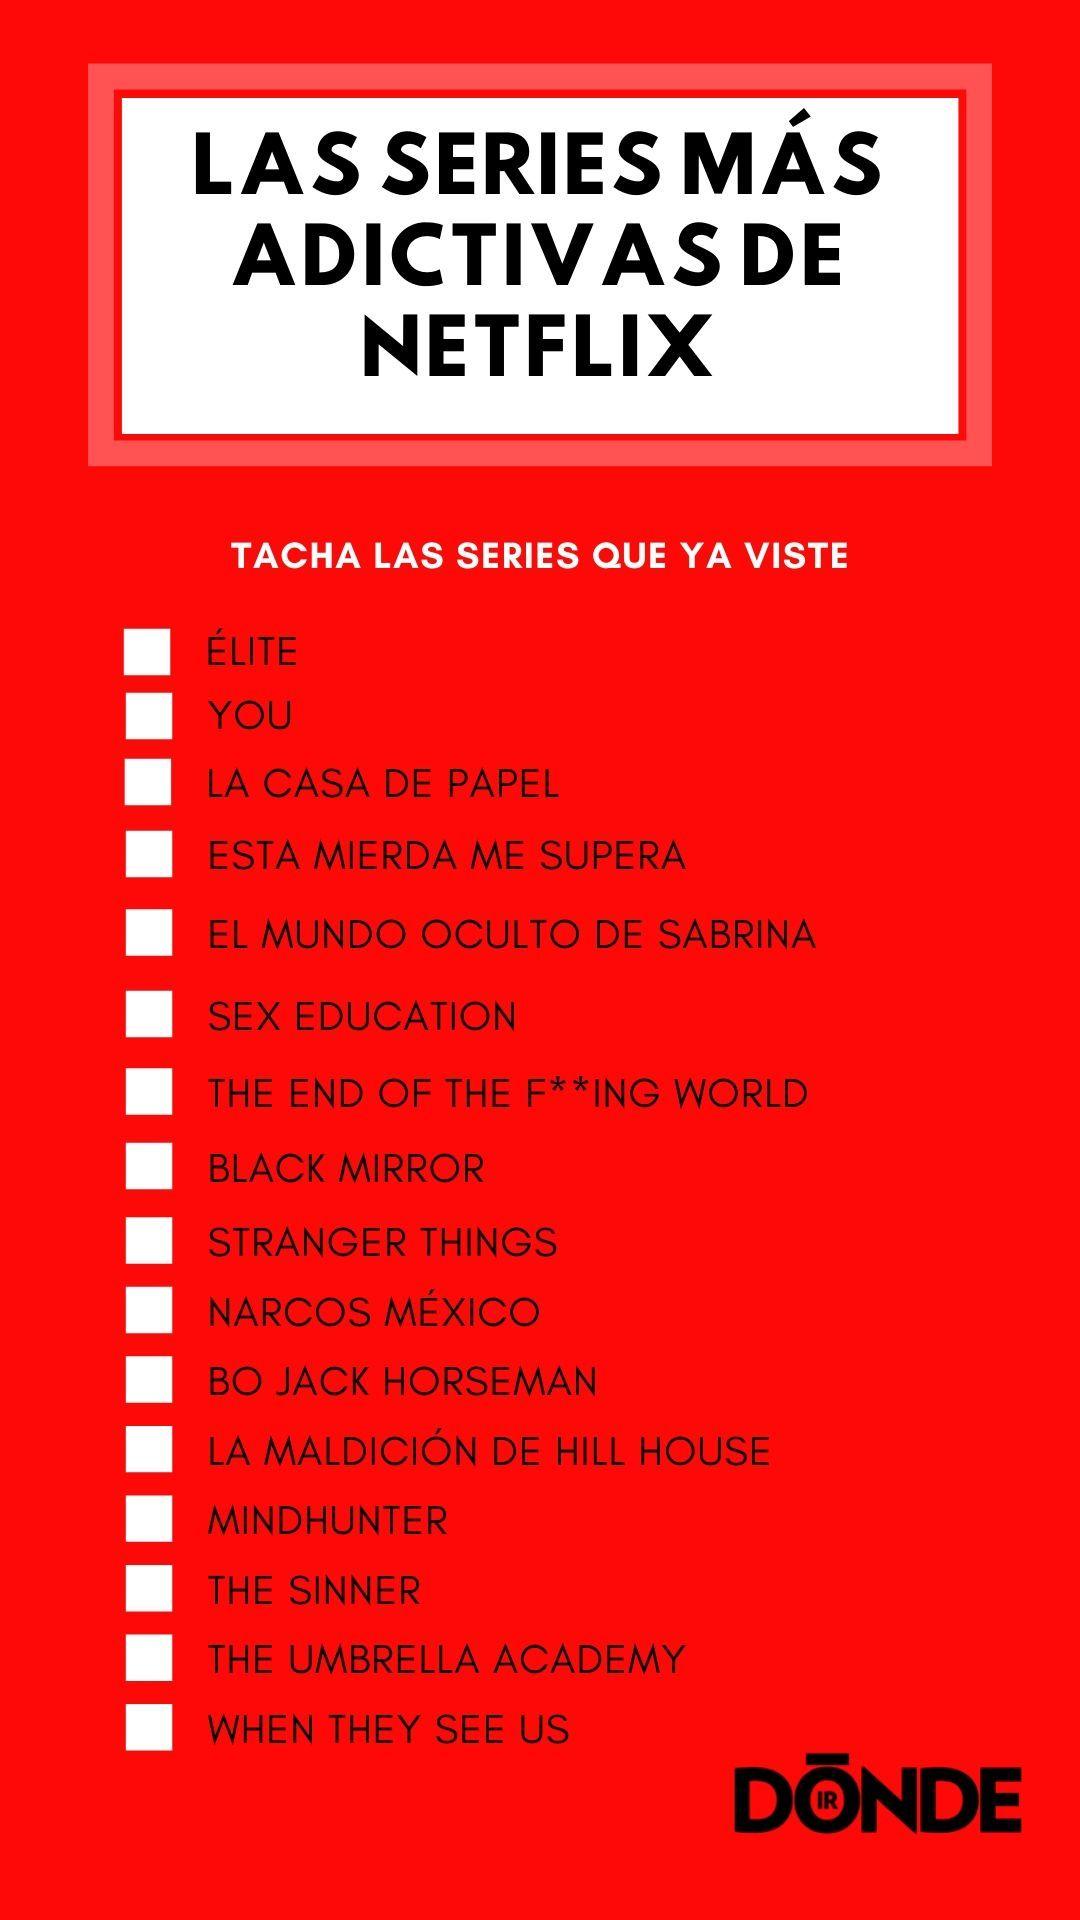 Las 16 Series Mas Adictivas De Netflix Las Veras En Un